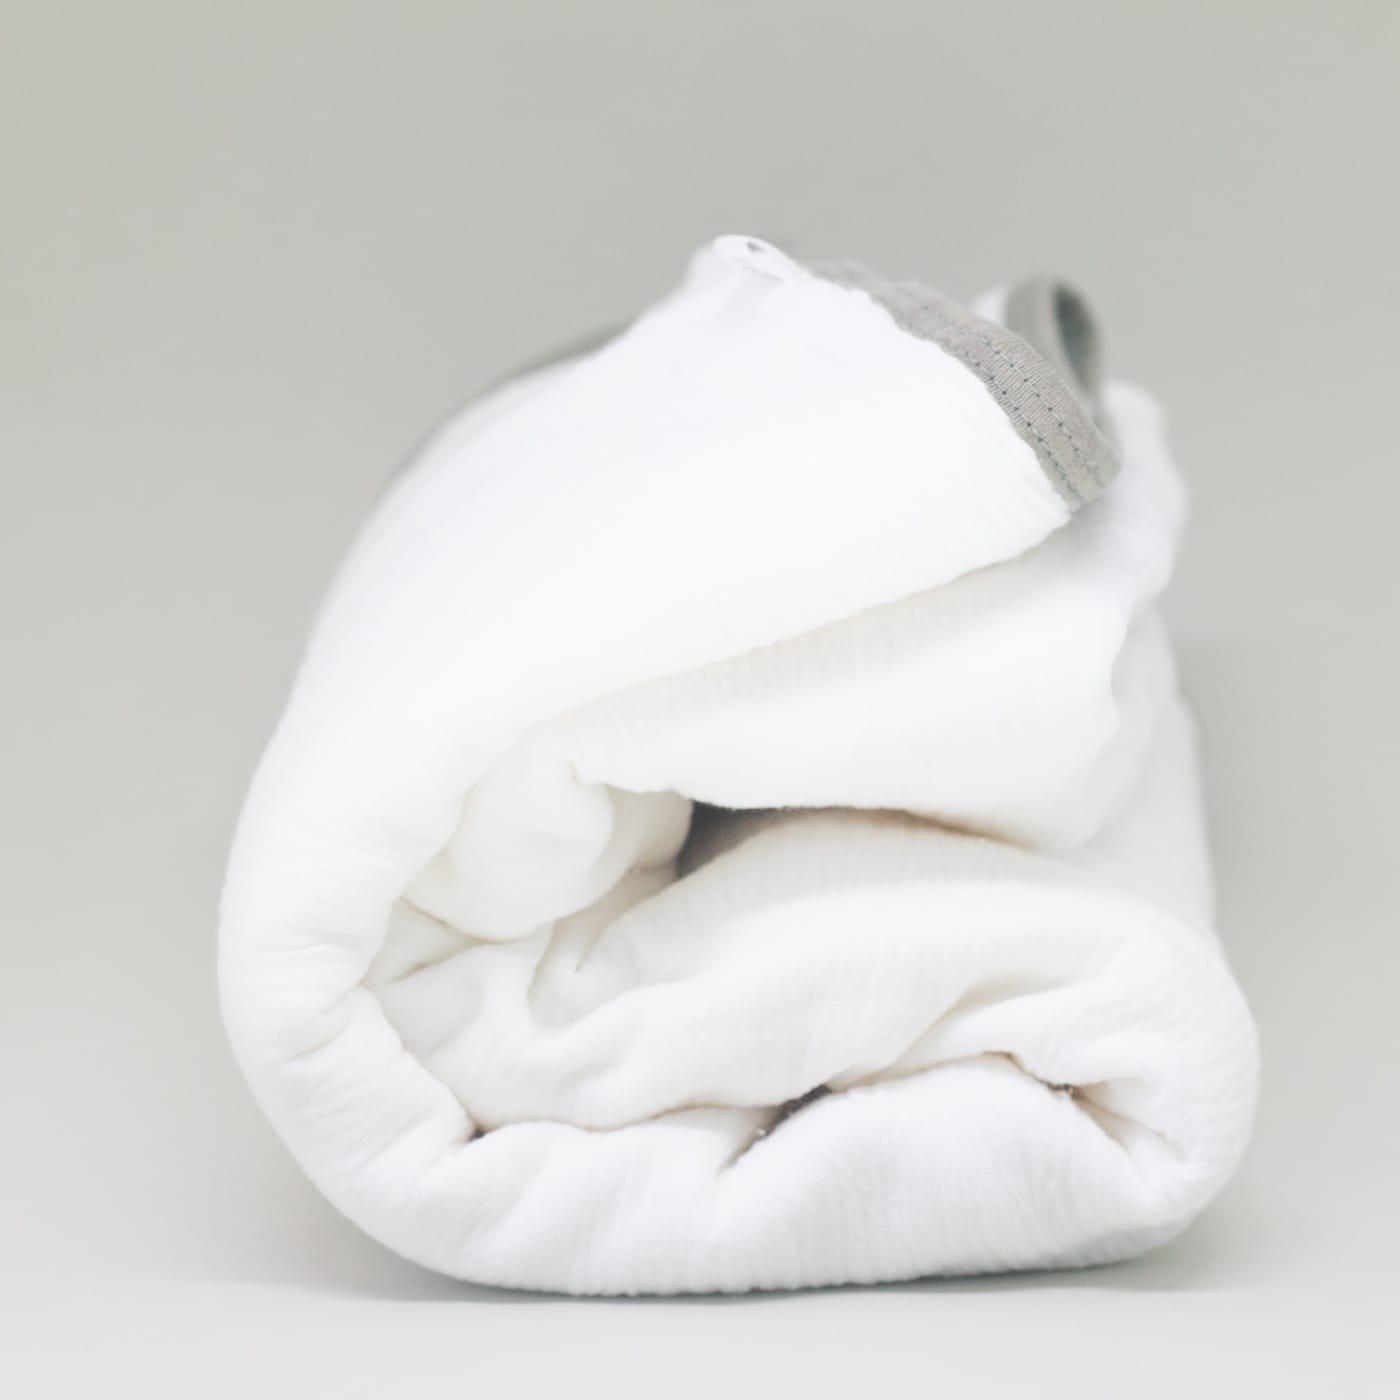 flufi quatro camadas de algodão em cor branco